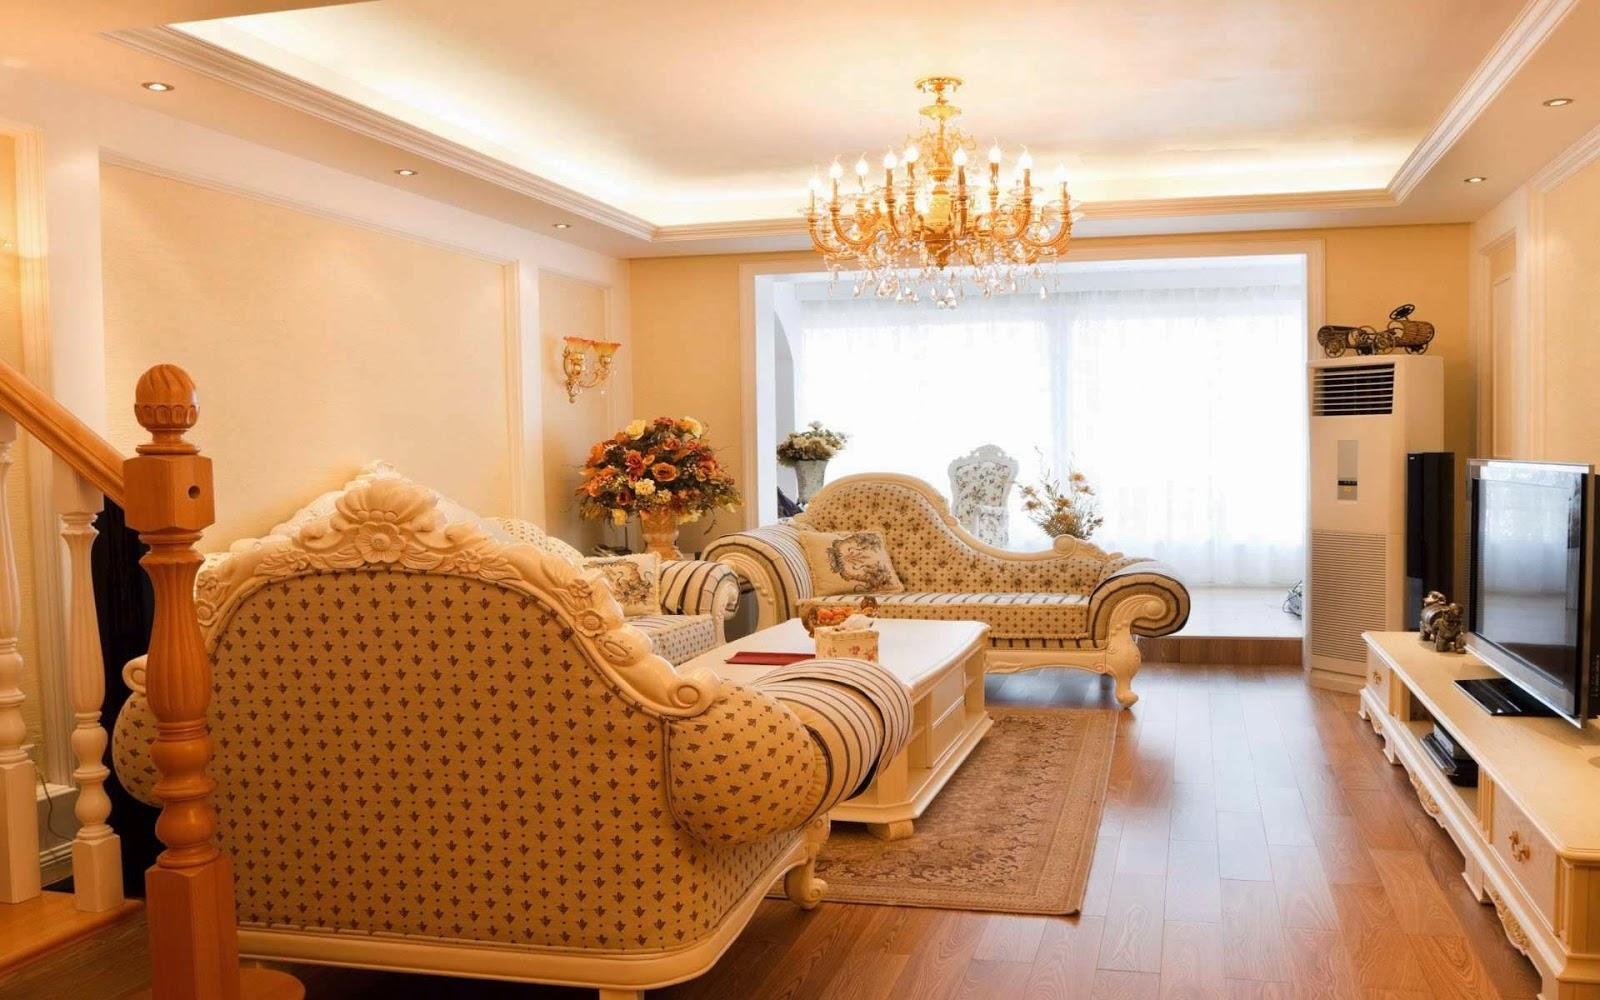 Foundation dezin decor indian royal furniture styling - Home design living room furniture ...